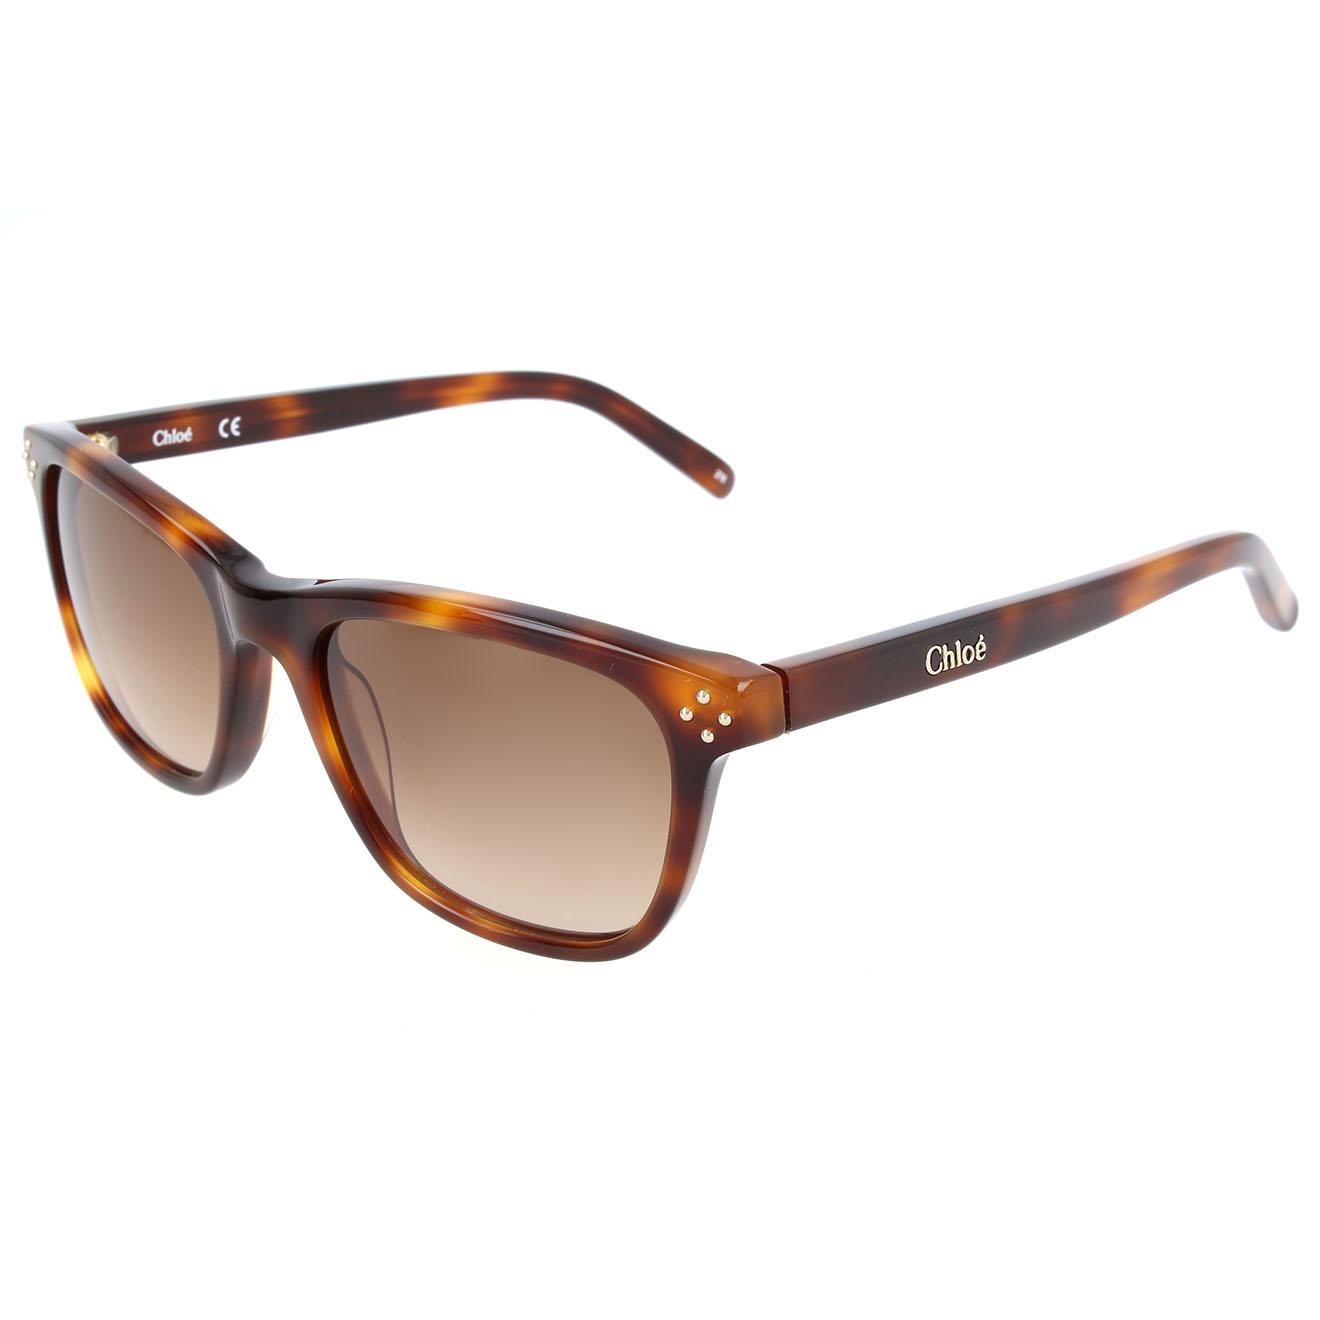 Chloé--lunettes de soleil enfant havana-t.u